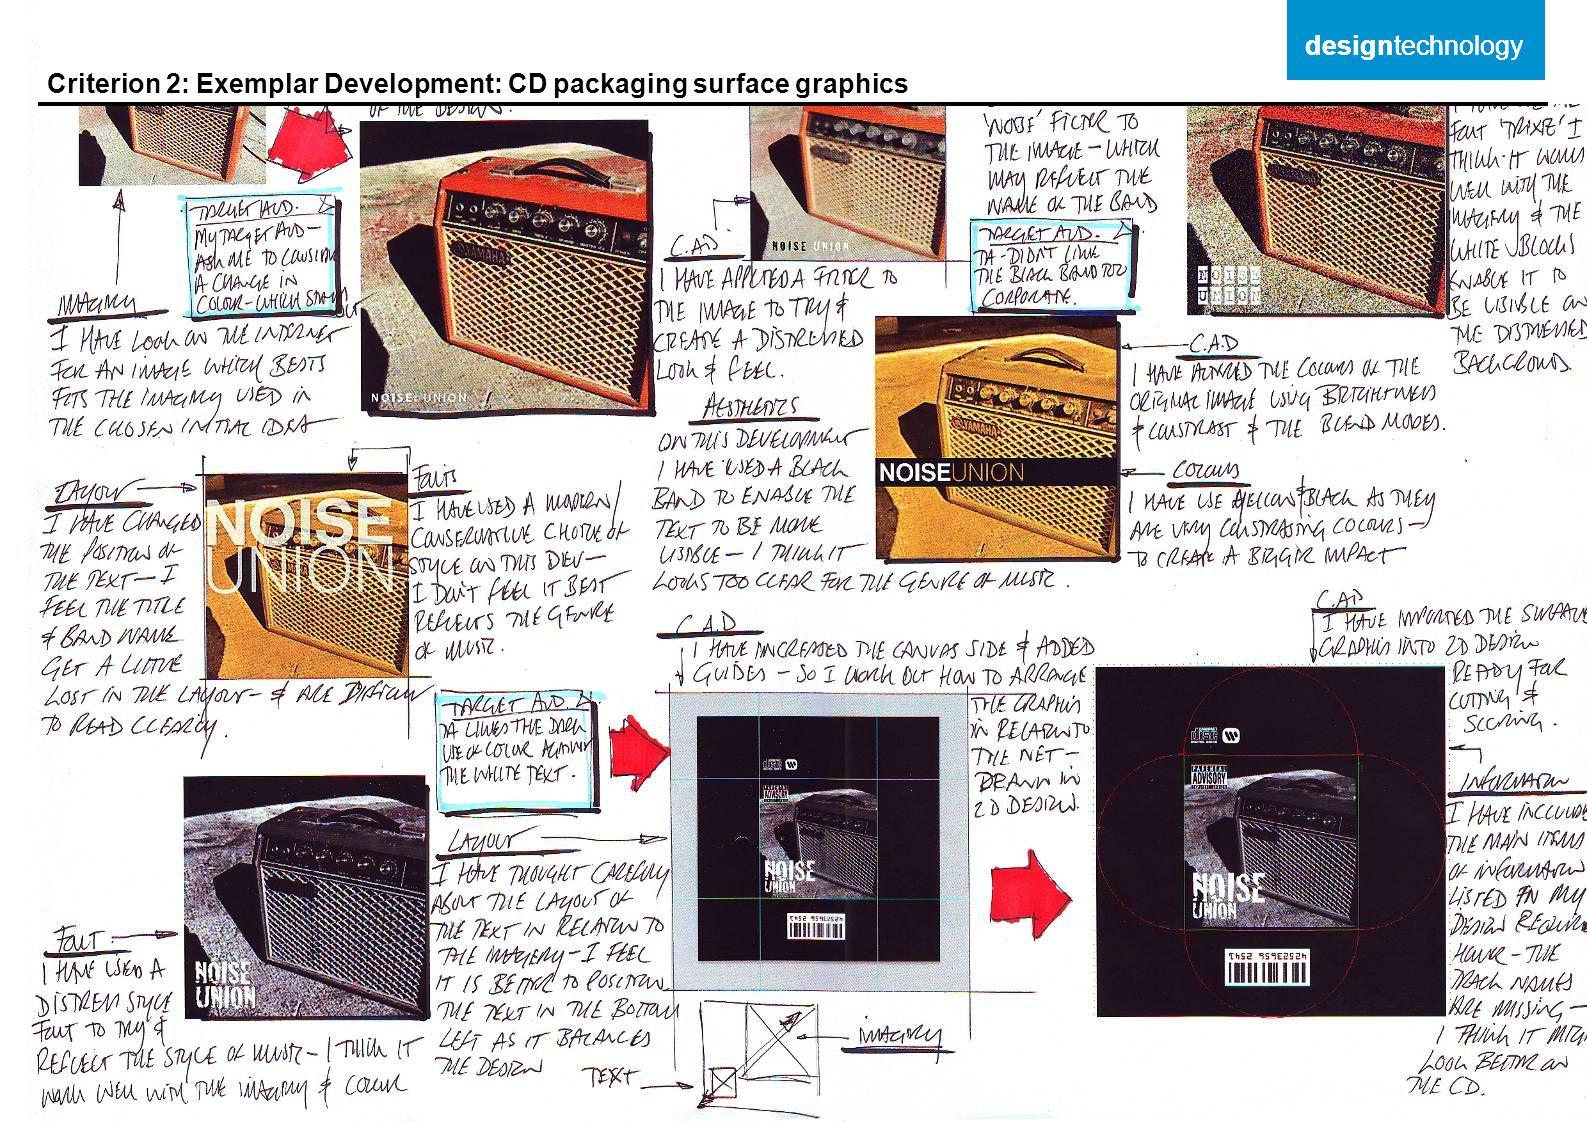 designtechnology designtechnology Criterion 2: Exemplar Development: CD packaging surface graphics